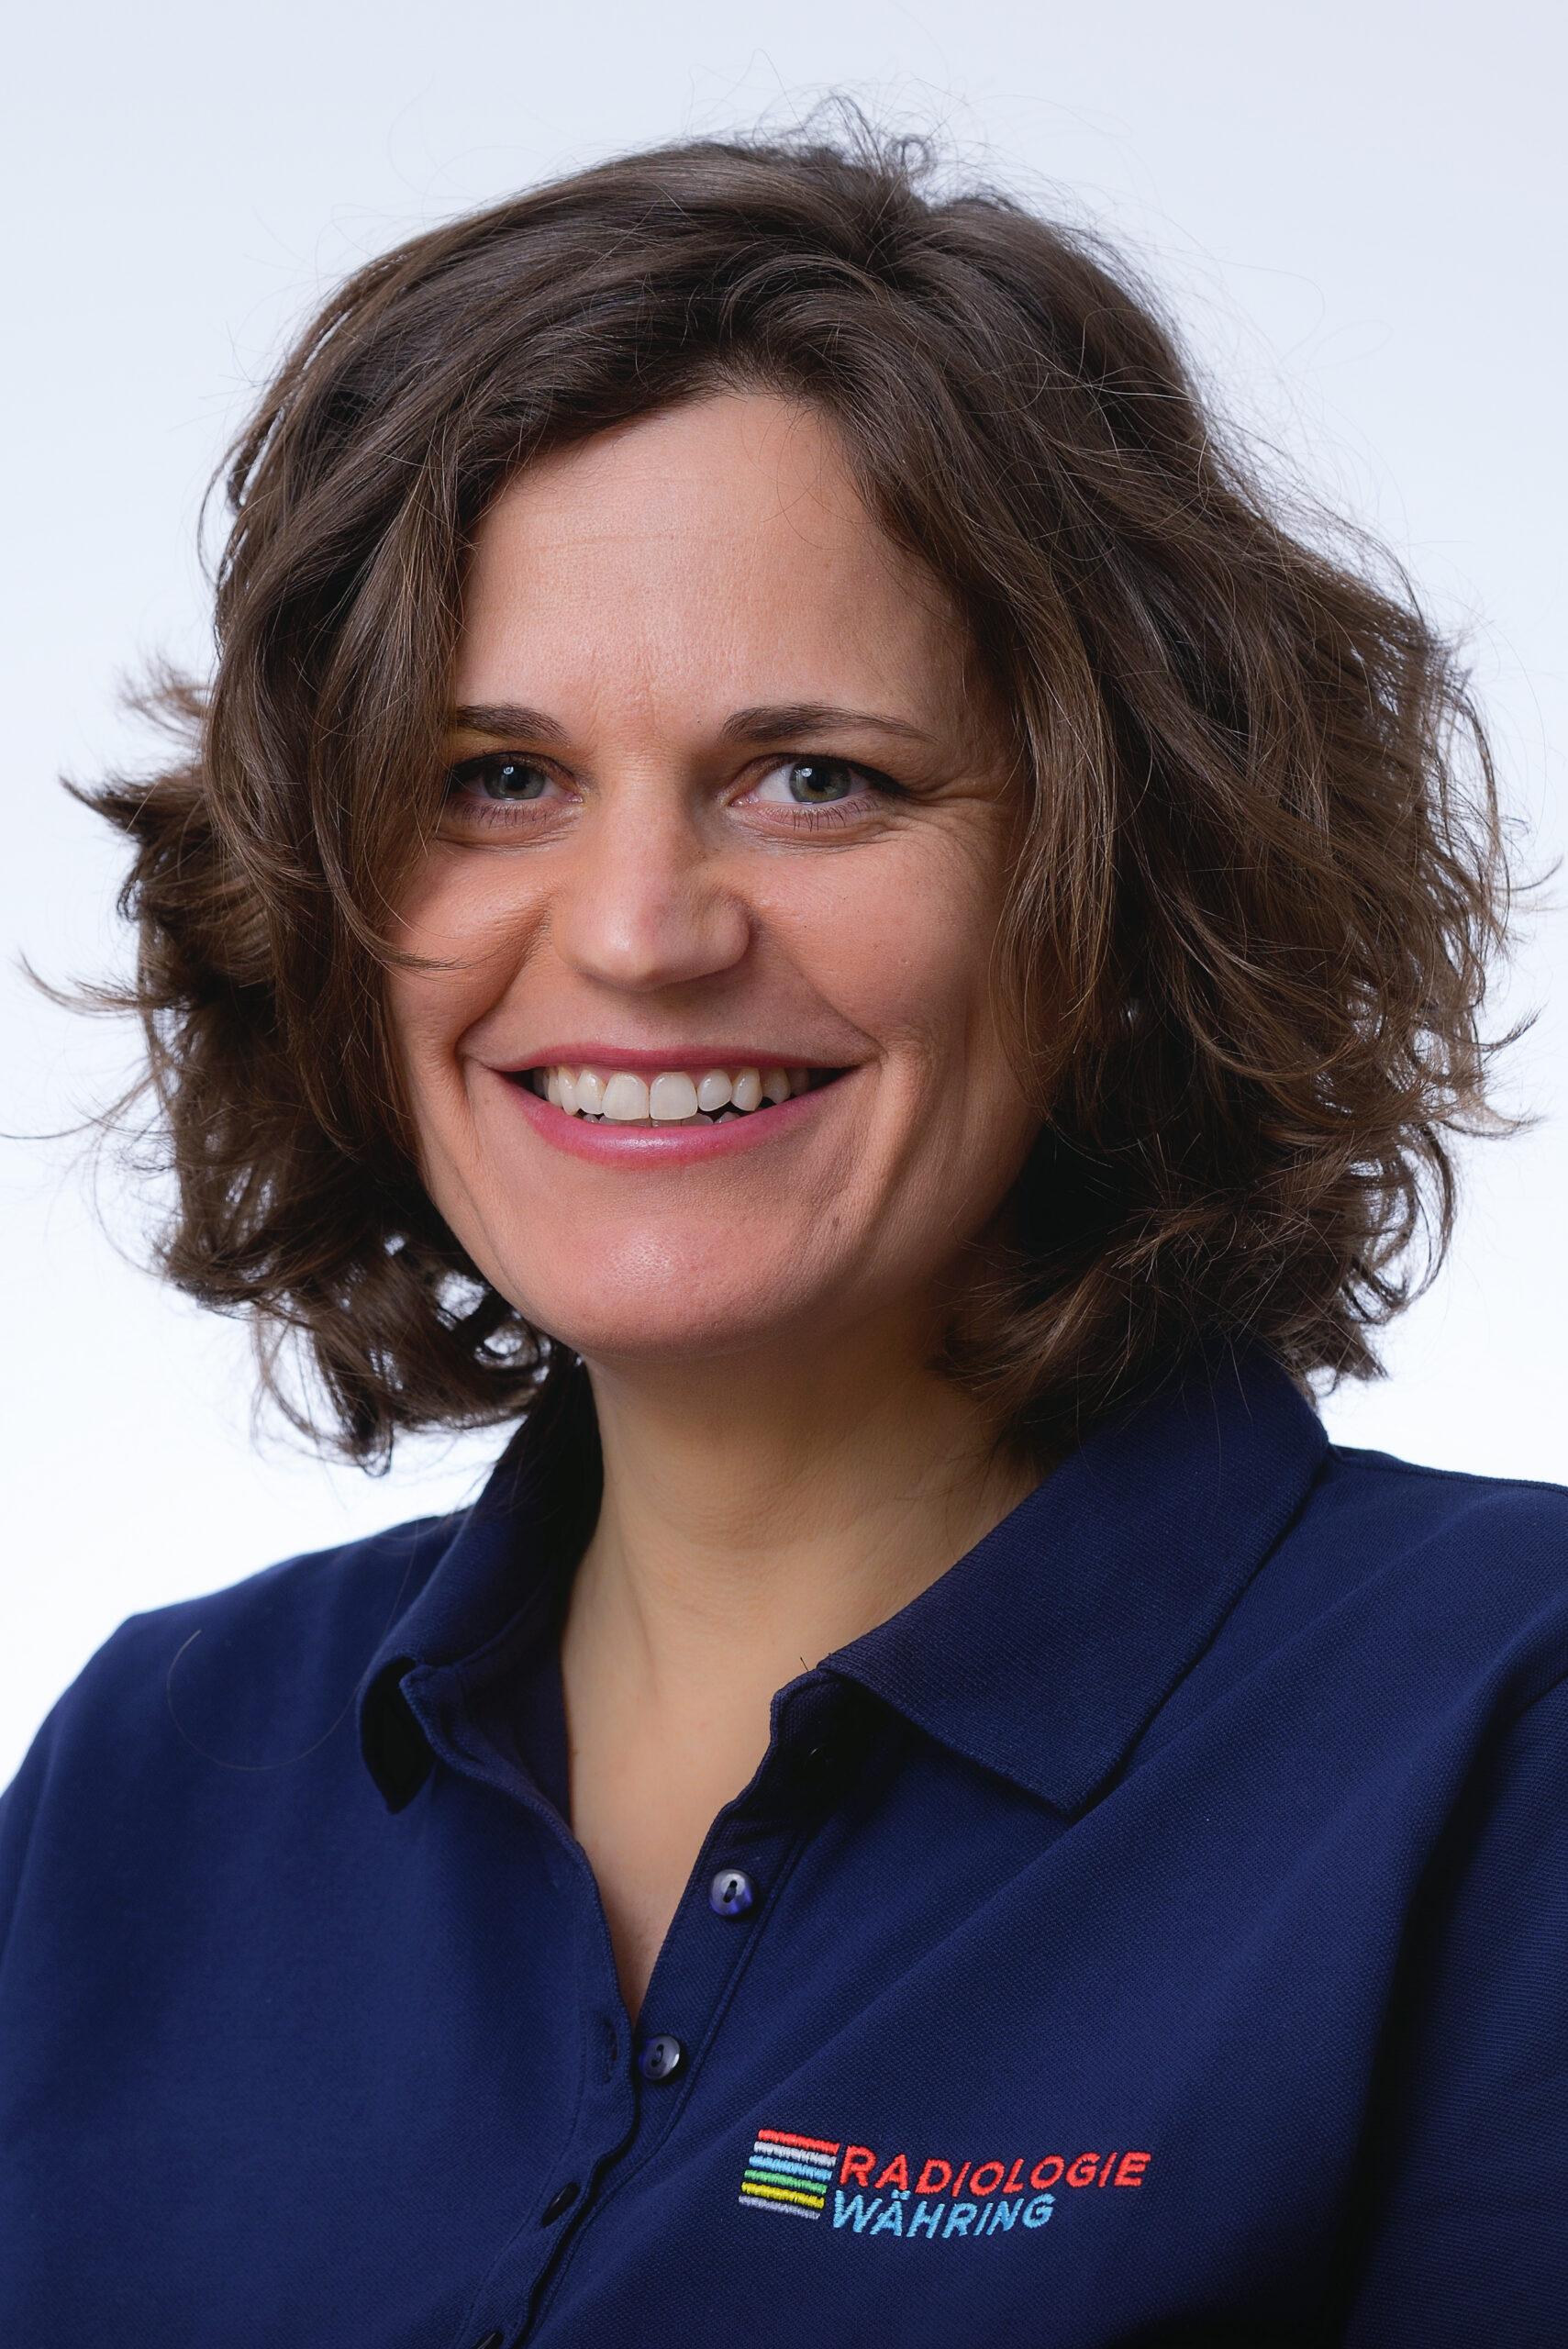 Ing. Christina Rinne